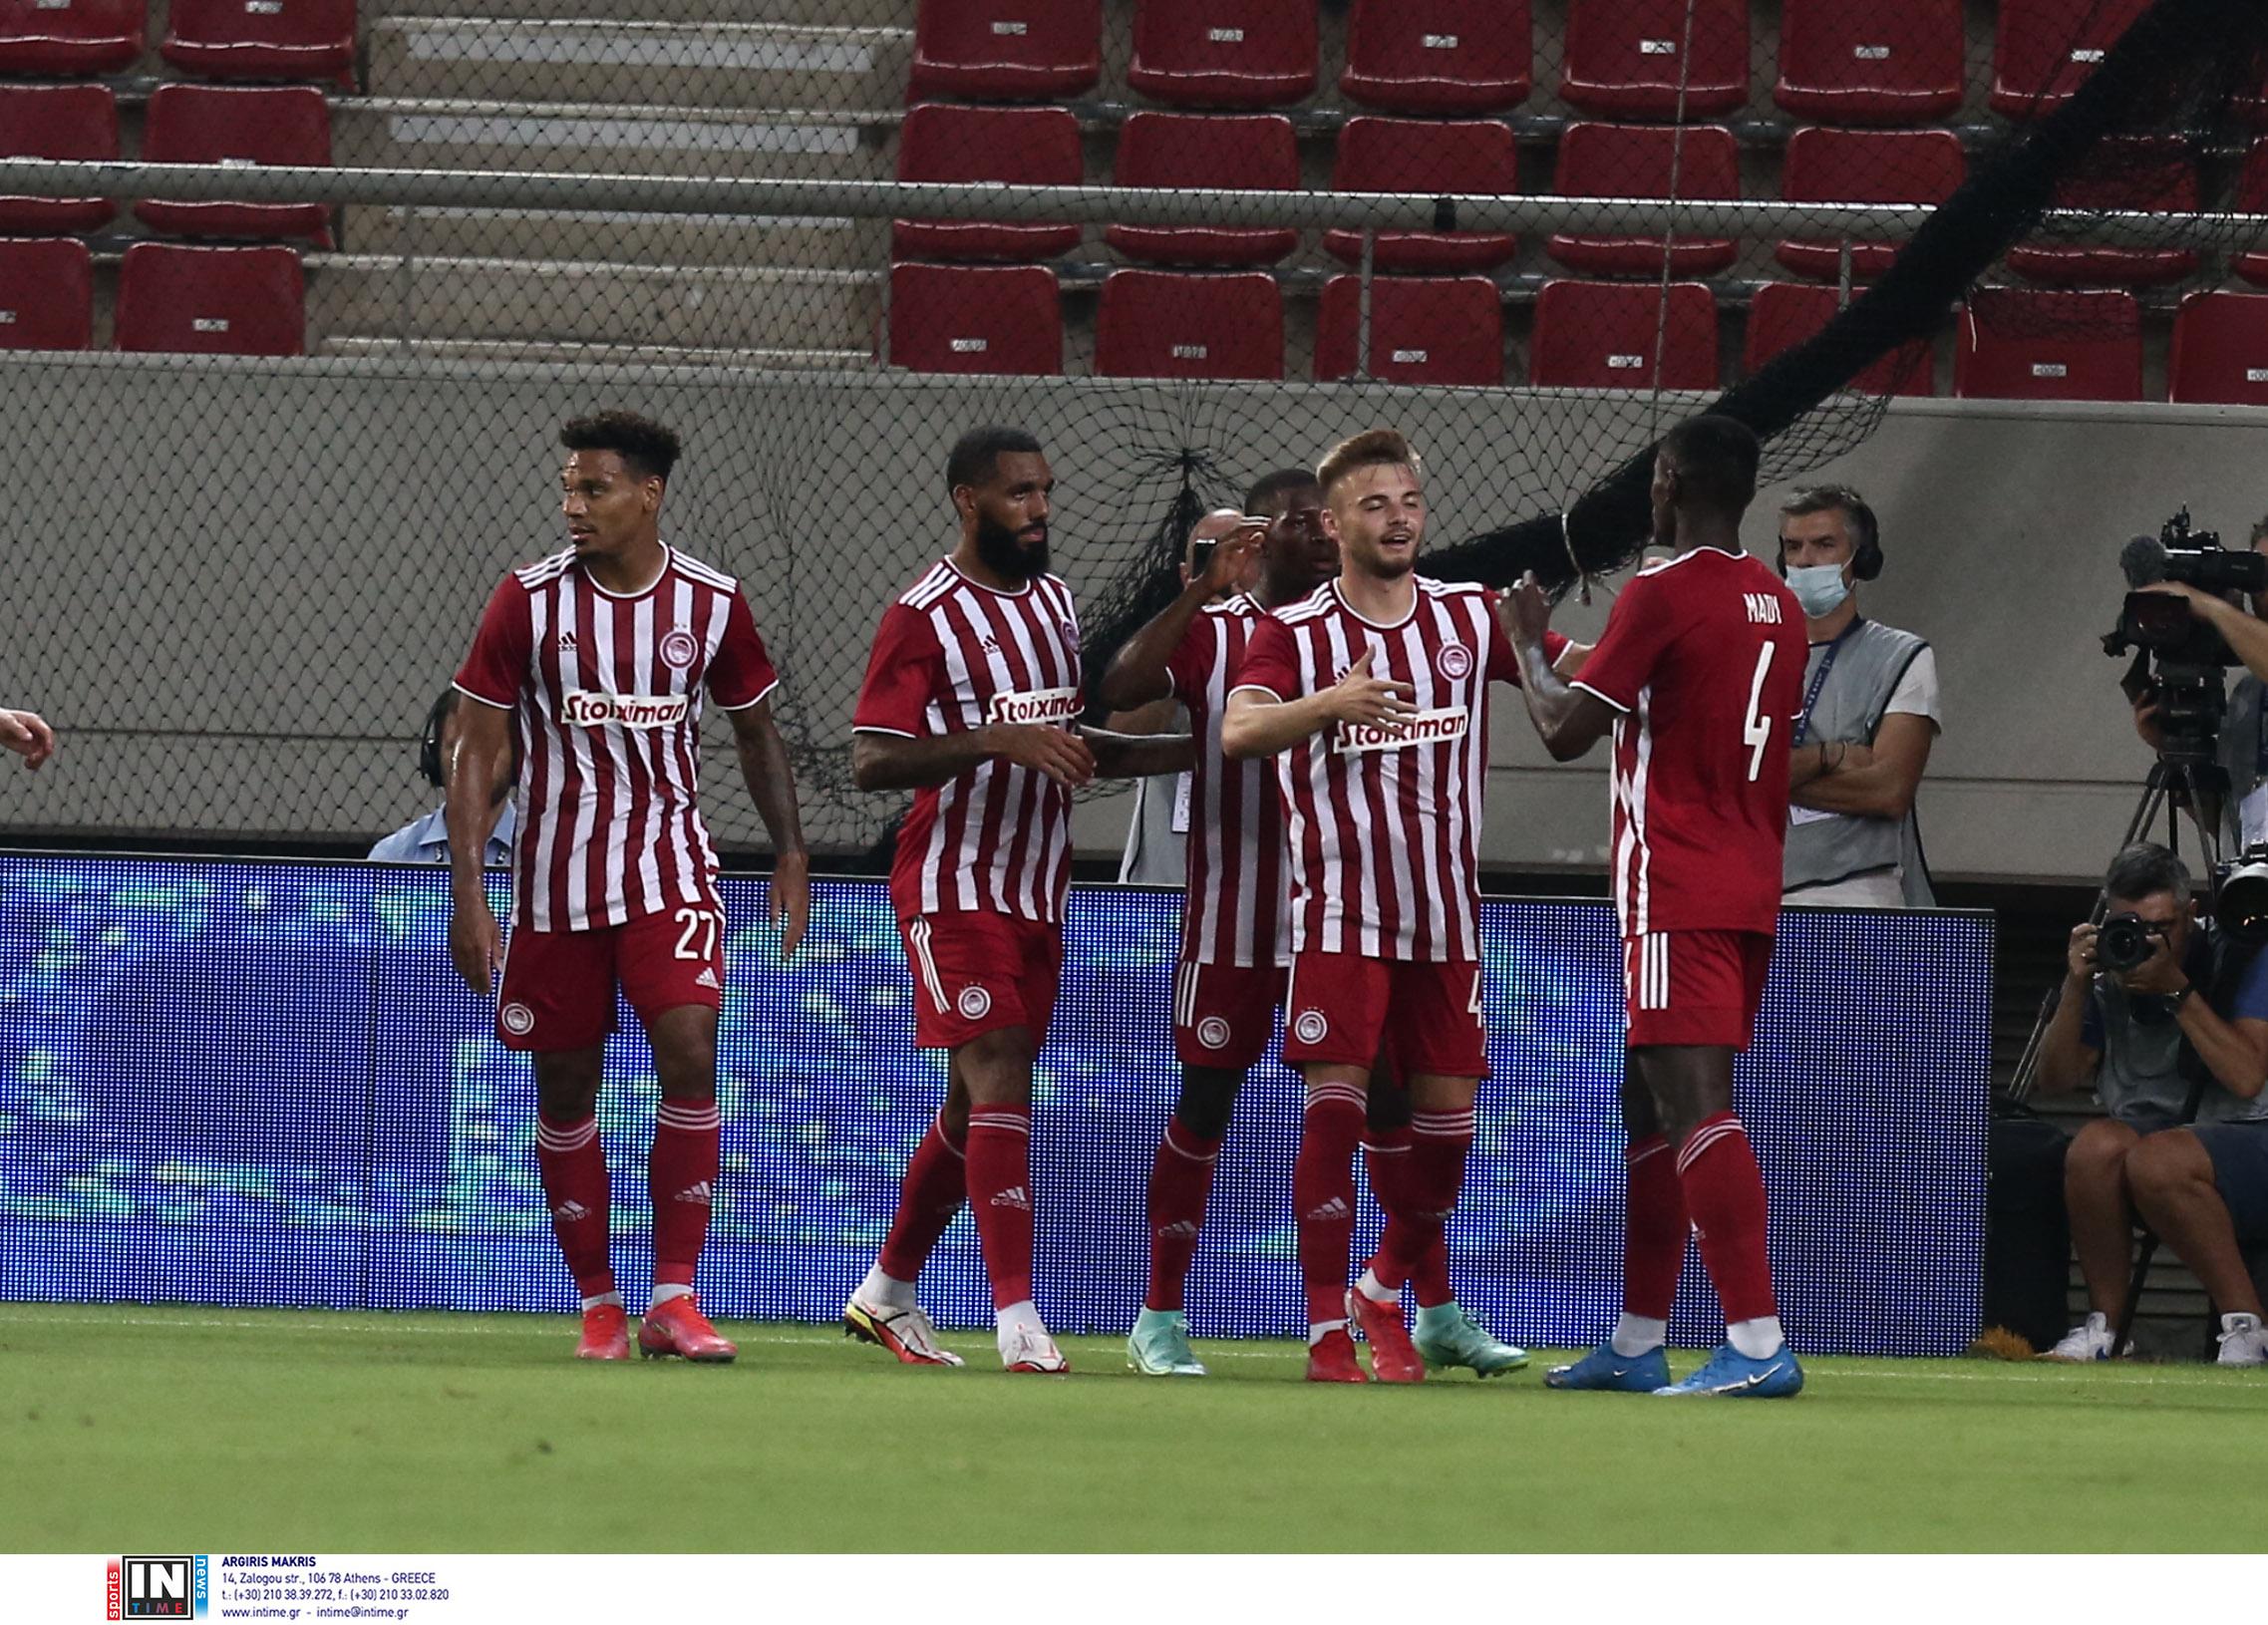 Ολυμπιακός – Σλόβαν Μπρατισλάβας LIVE για τα πλέι οφ του Europa League